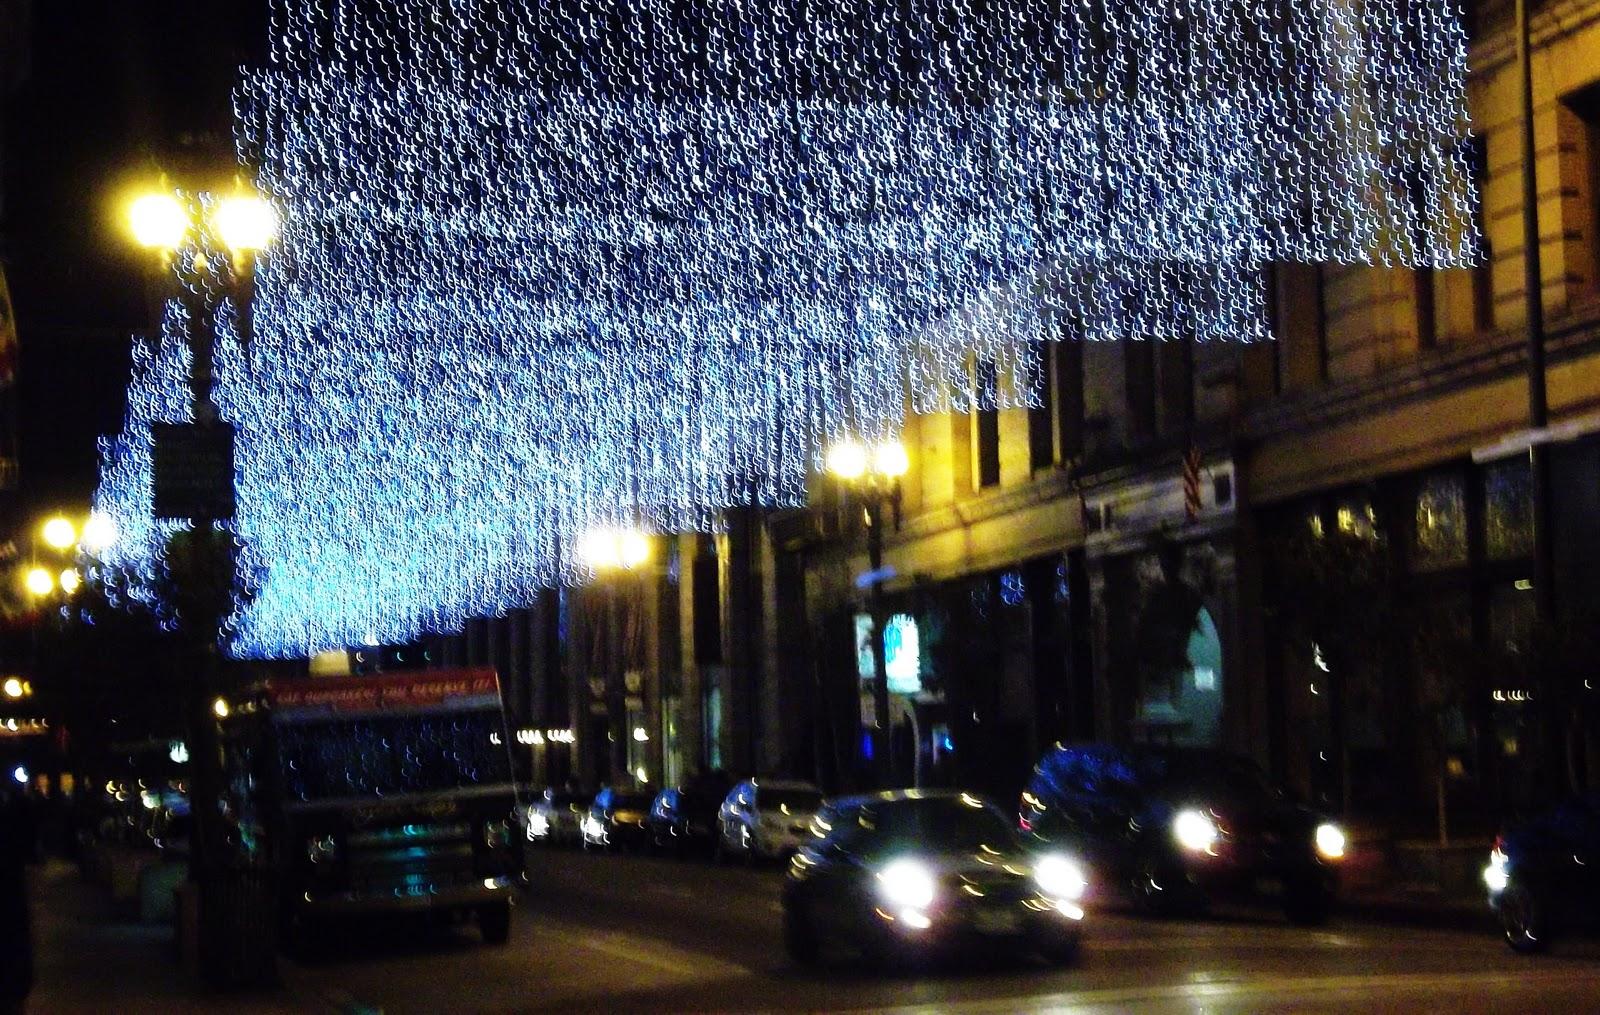 Viva Lost Angeles Merry Christmas Los Angeles